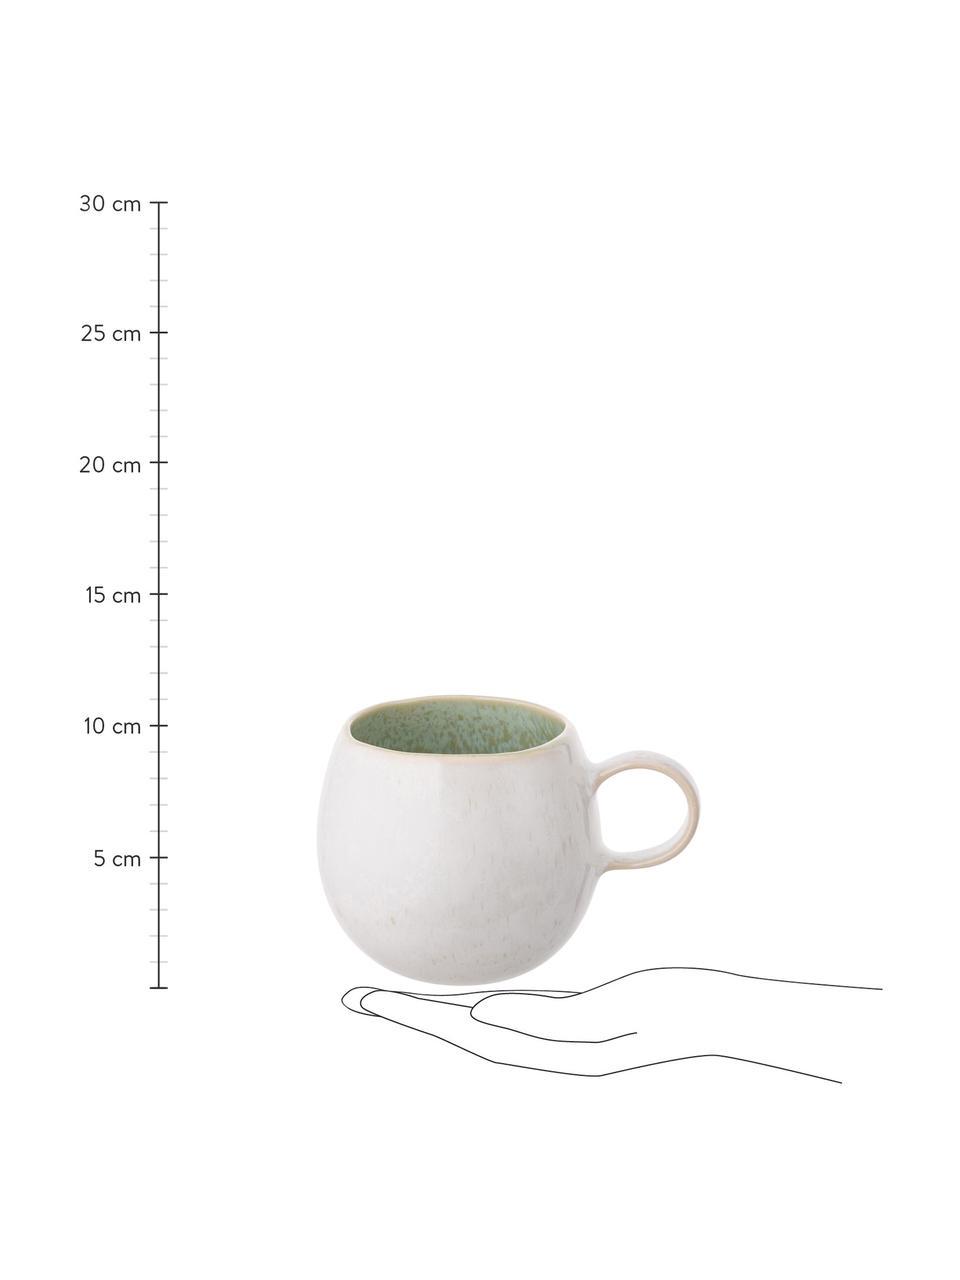 Handbemalte Teetassen Areia mit reaktiver Glasur, 2 Stück, Steingut, Mint, Gebrochenes Weiß, Beige, Ø 9 x H 10 cm